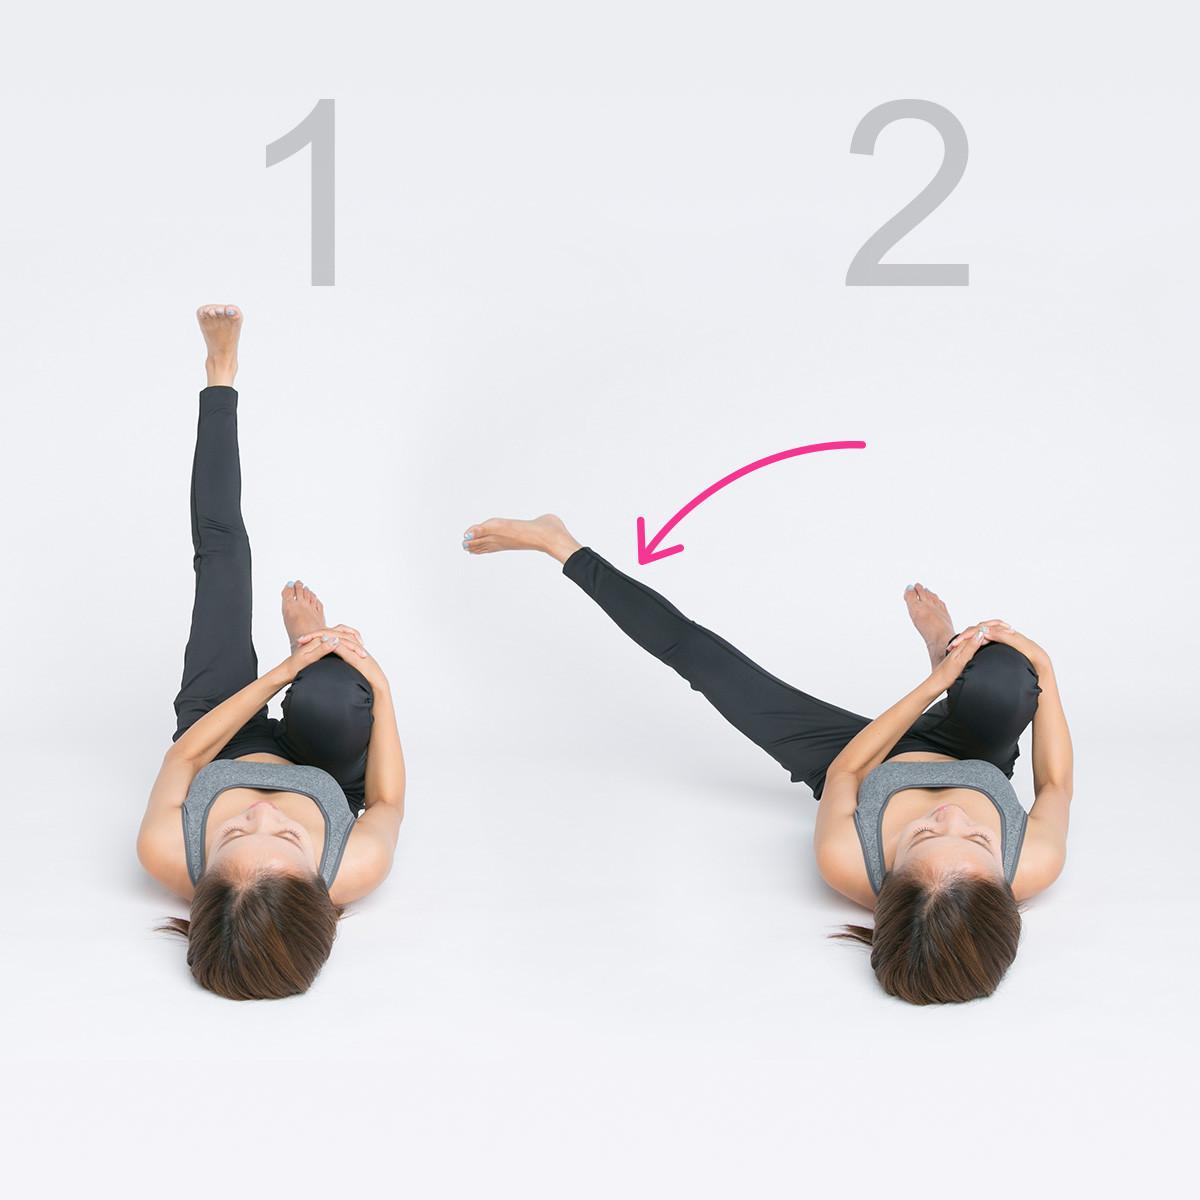 ヒップアップ、美脚にも!腸を正しい位置へ戻して筋力強化【美腸エクササイズLesson2】_1_2